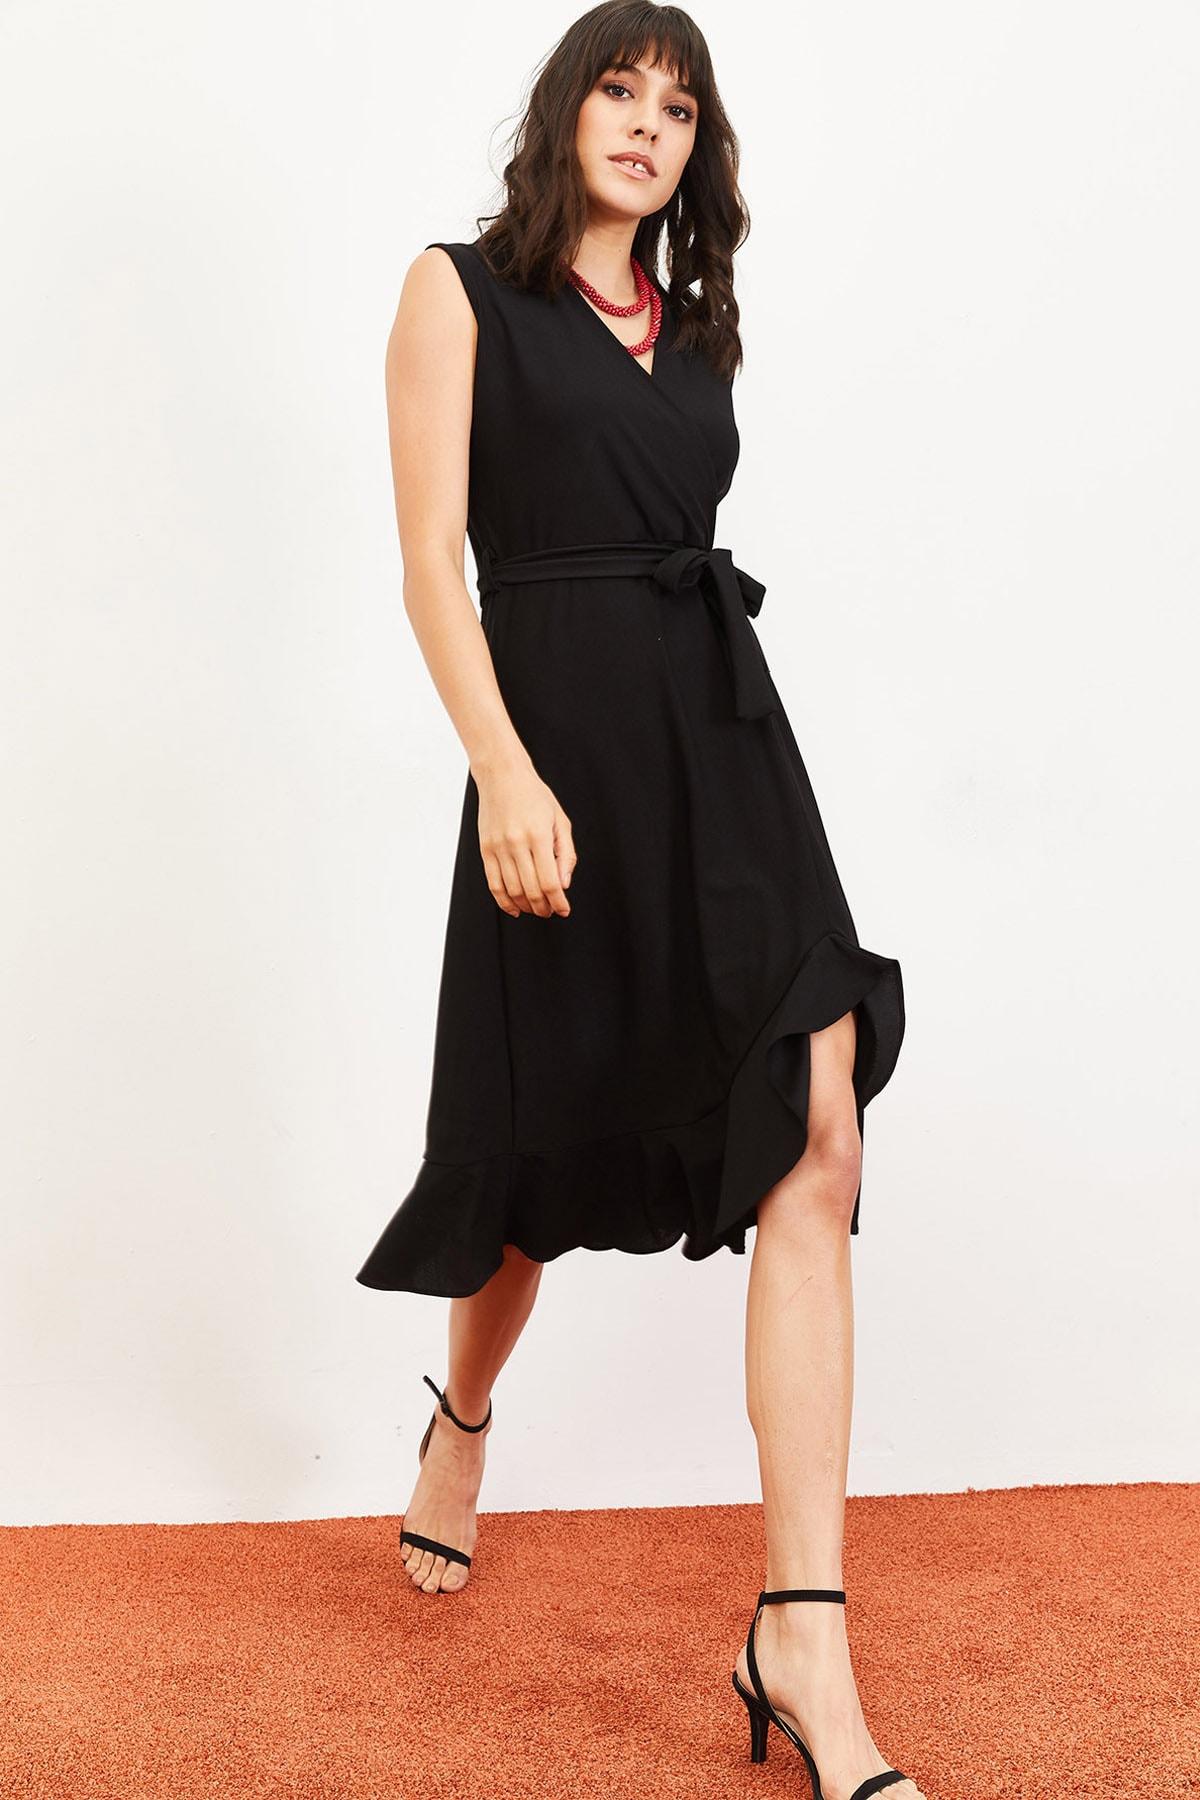 Bianco Lucci Kadın Fırfırlı Kruvaze Yaka Kolsuz Kuşaklı Elbise Siyah 10061031